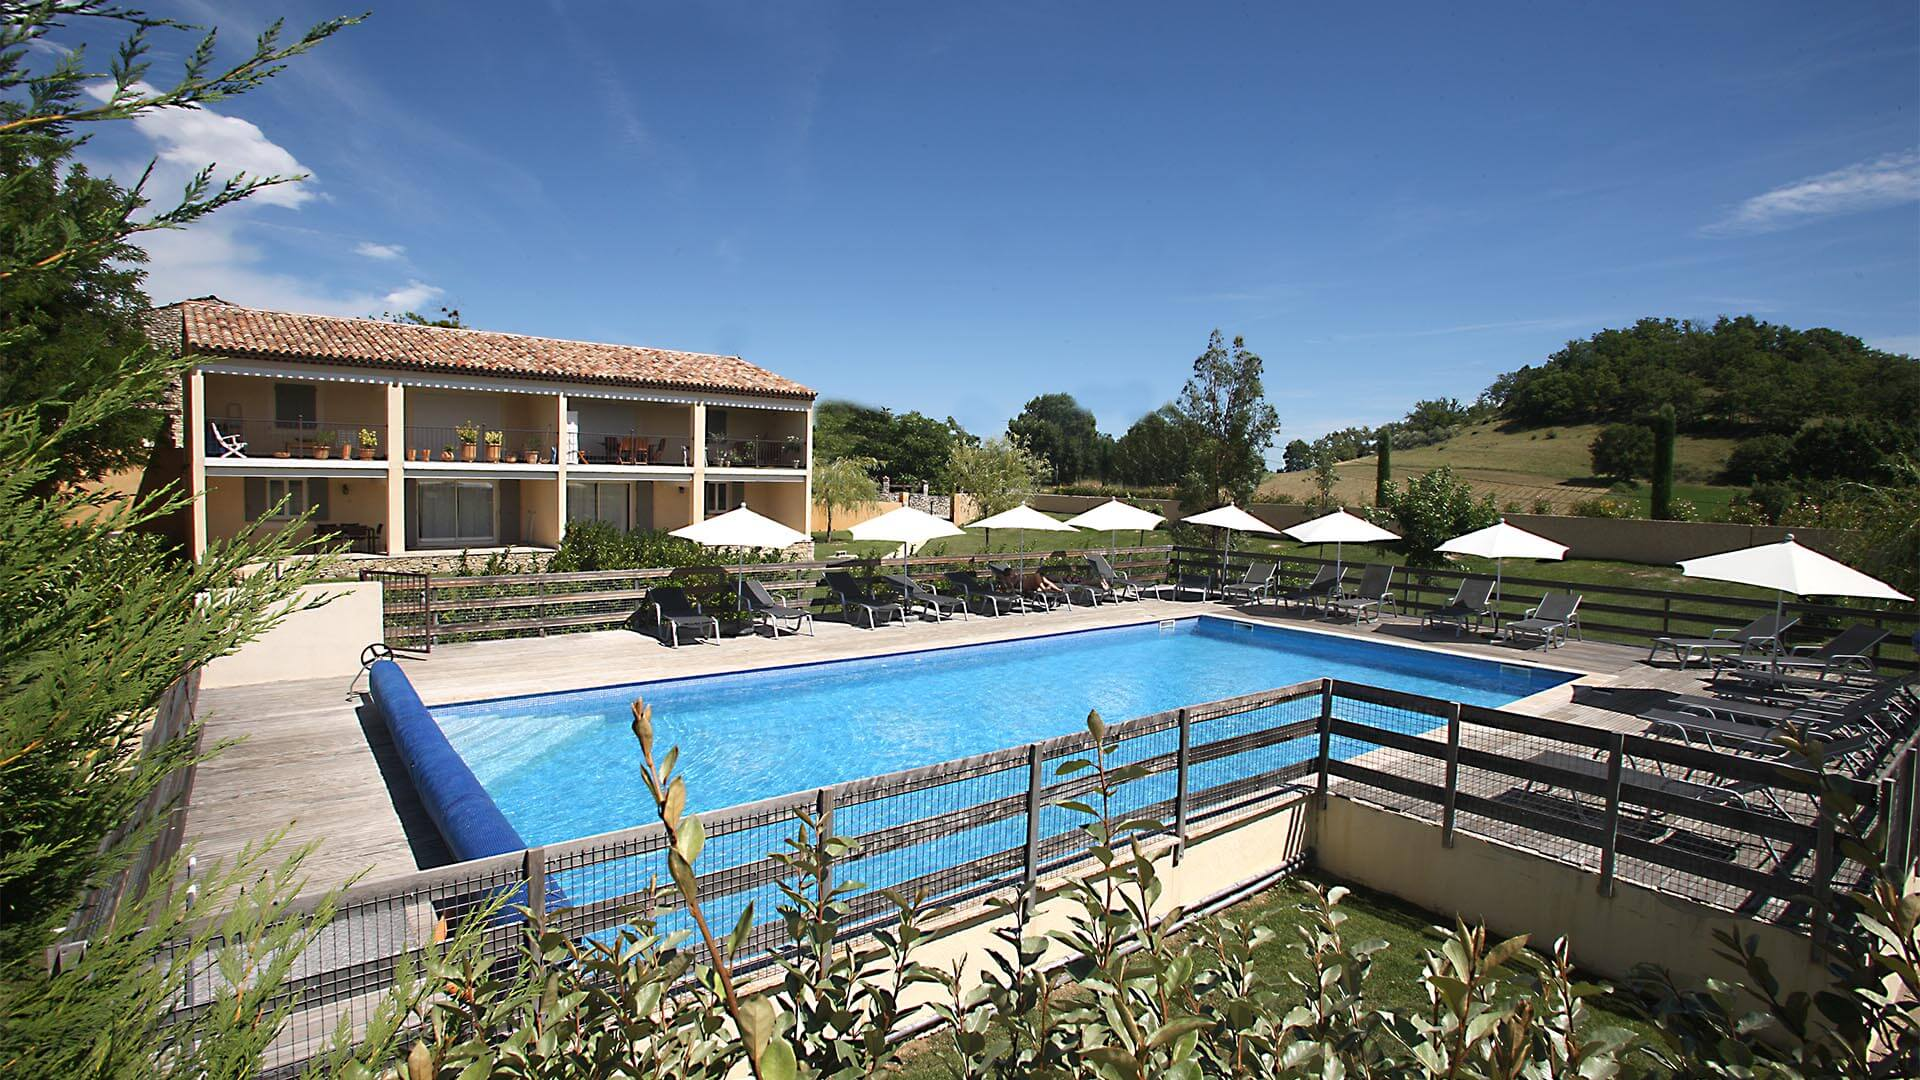 Location vacances Luberon | Appartement avec piscine commune